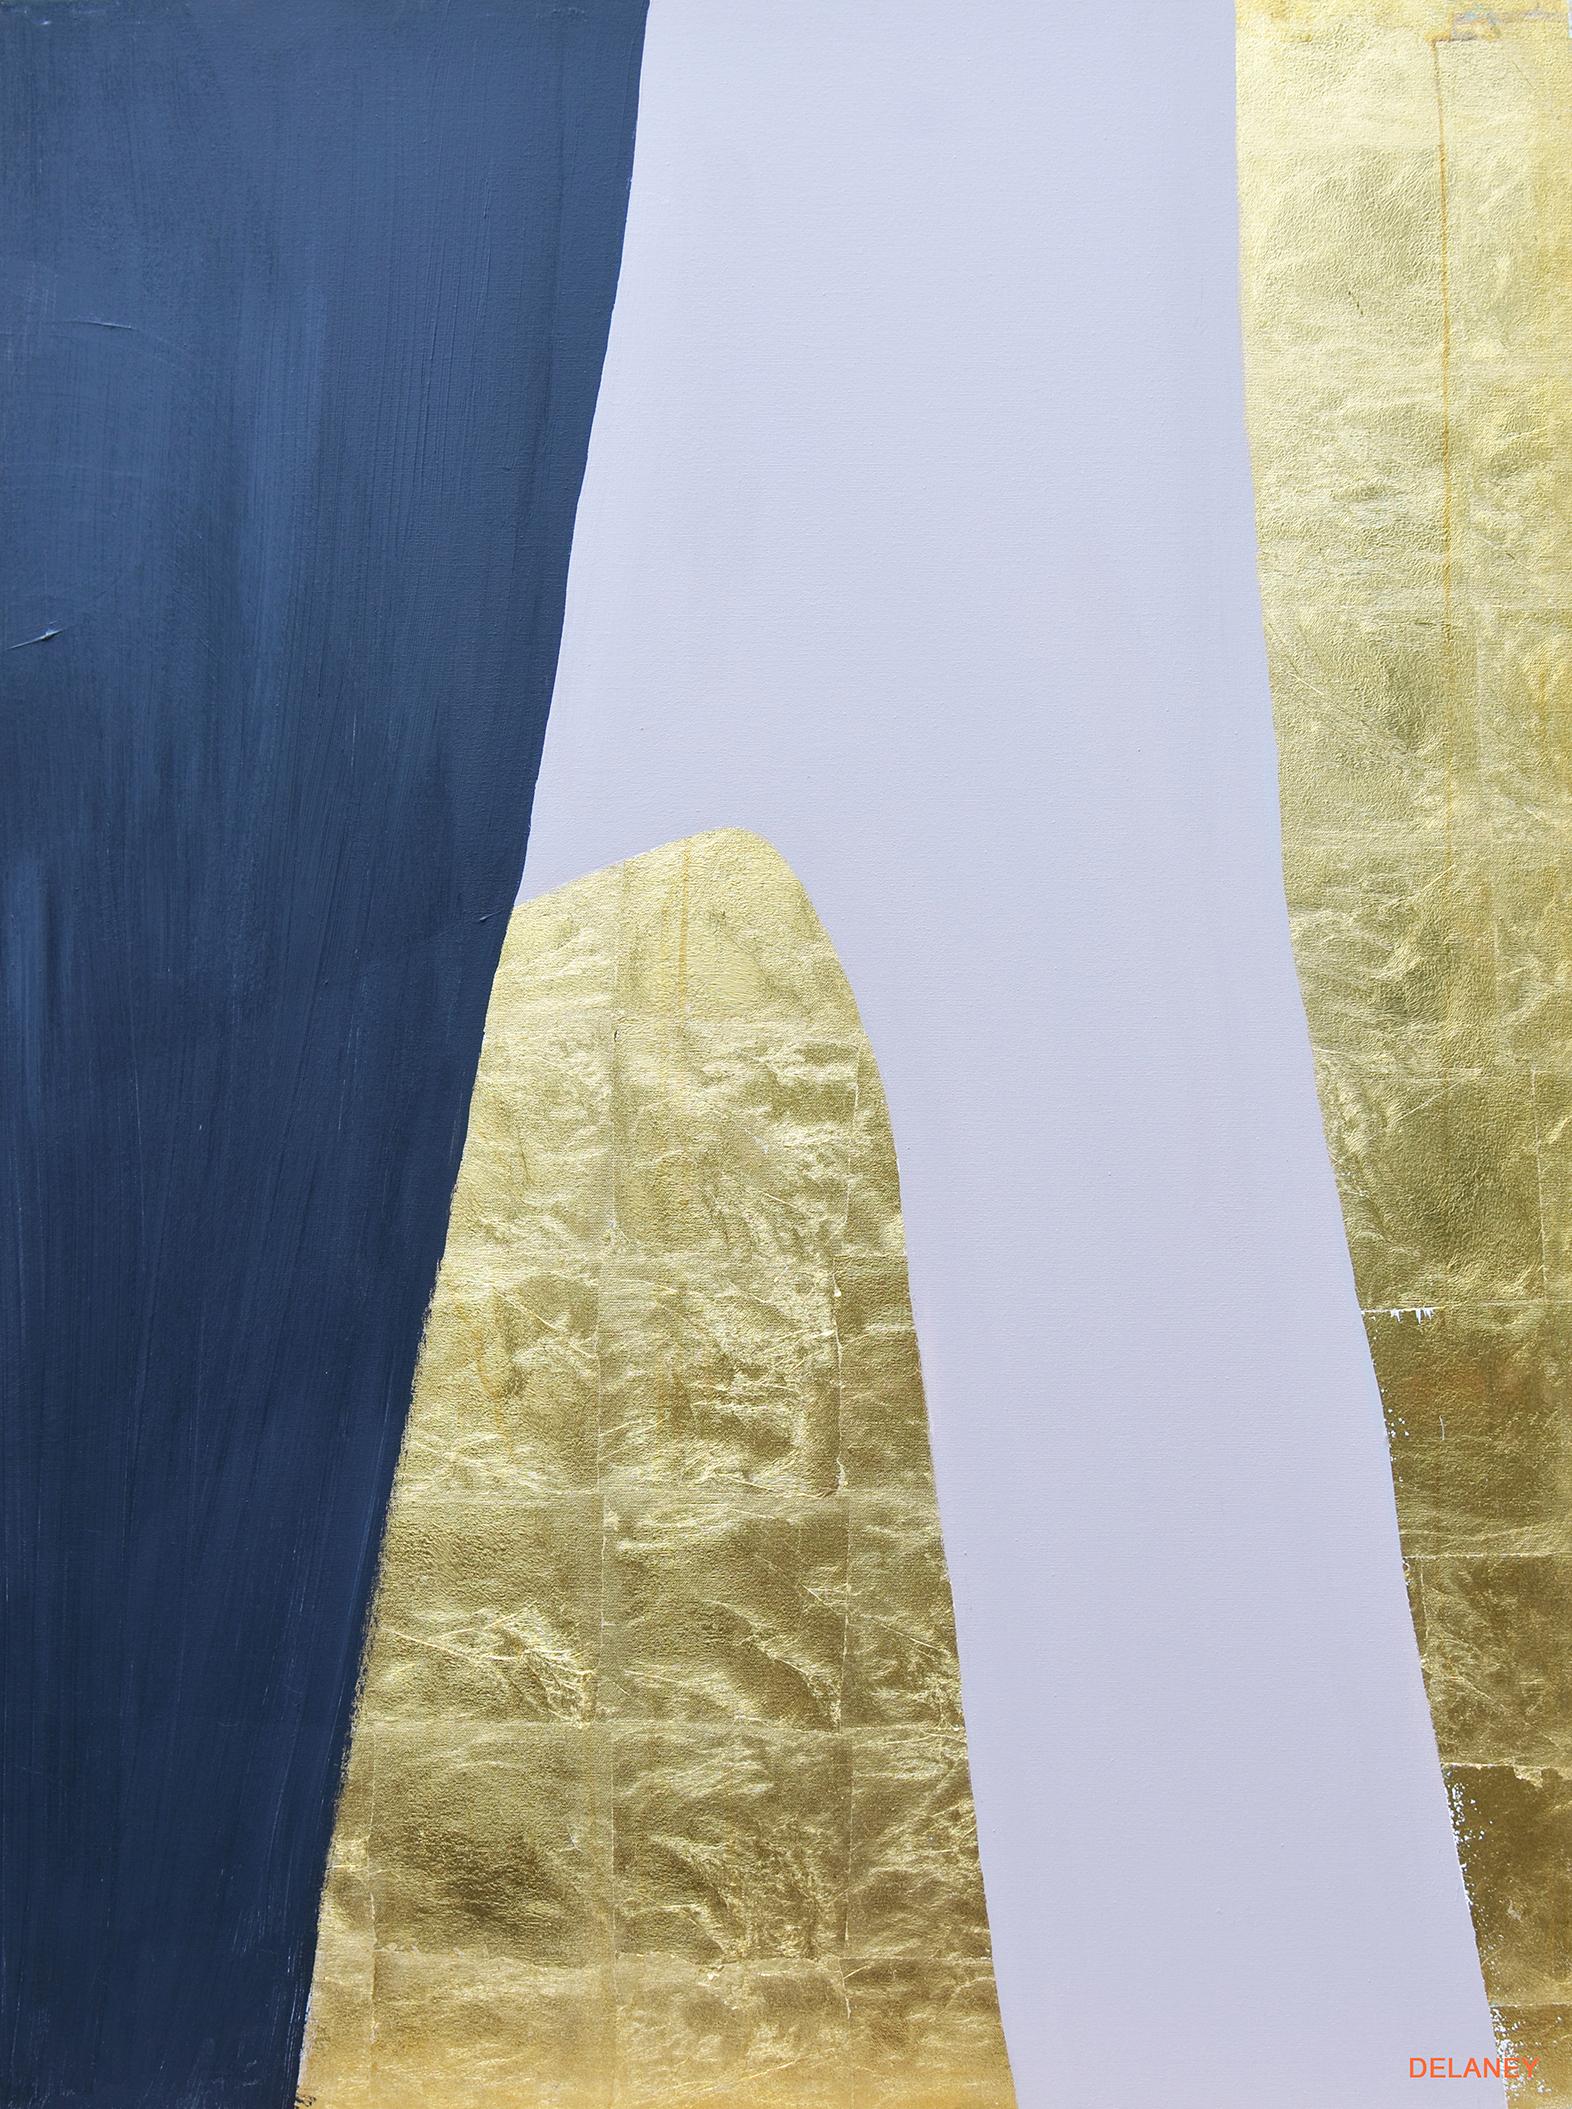 Grey Triptych #3  Gold leaf and acrylic on canvas (122x91cm)